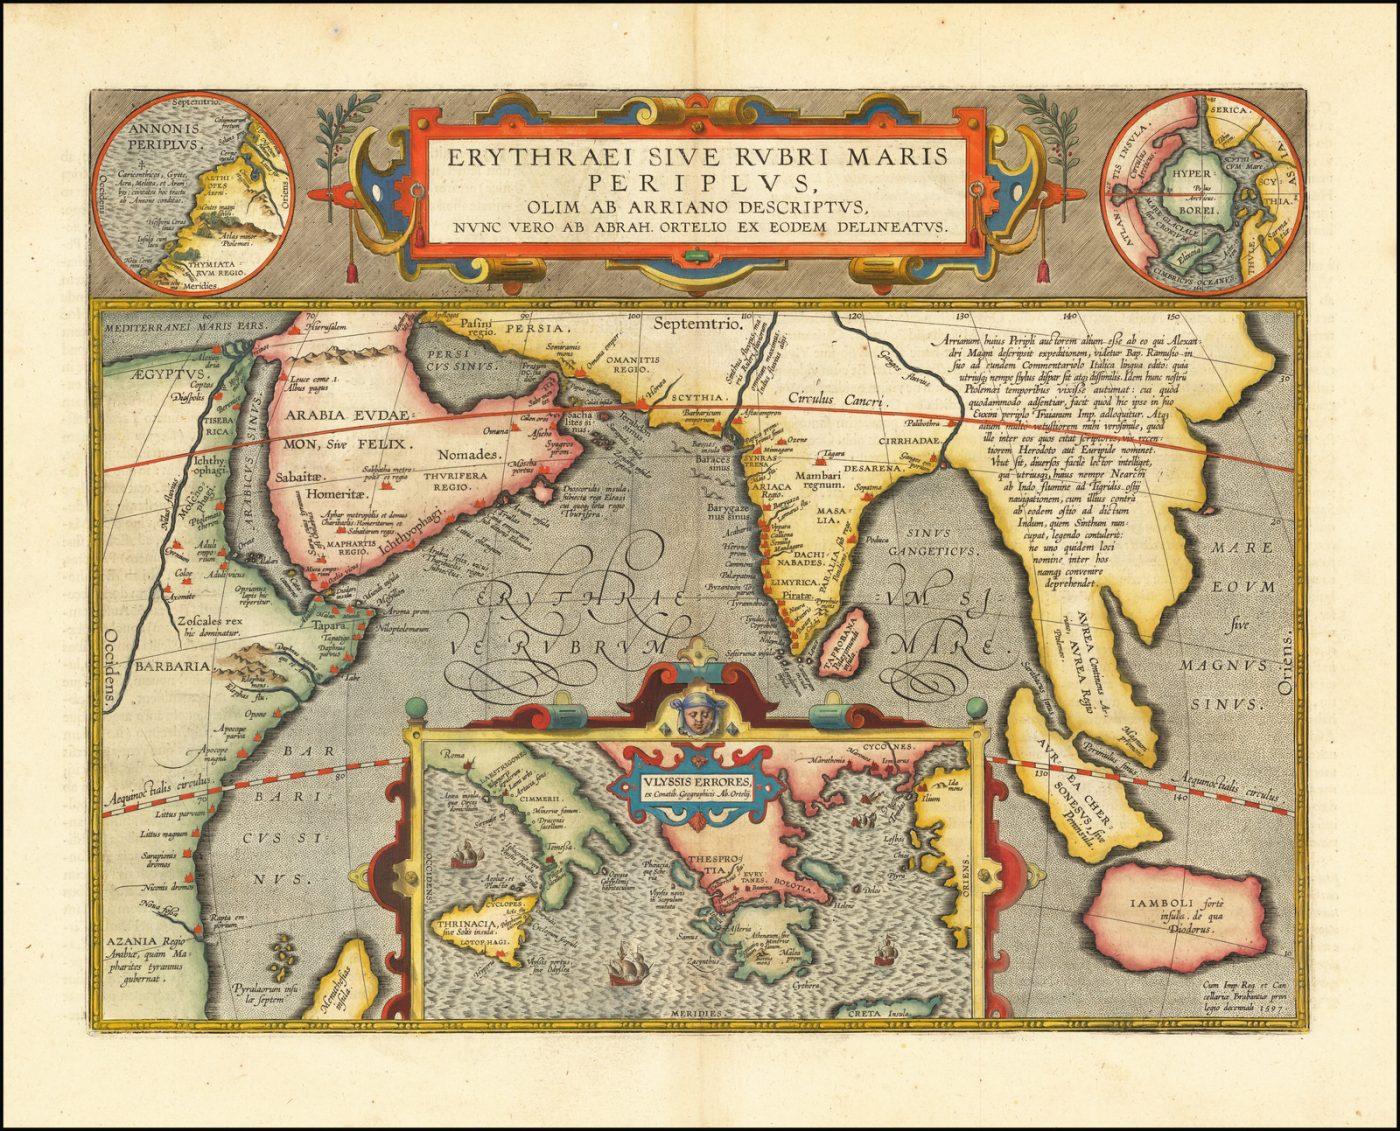 Прекрасная карта Индийского океана Ортелиуса, связывающая мифические, древние и современные исследования